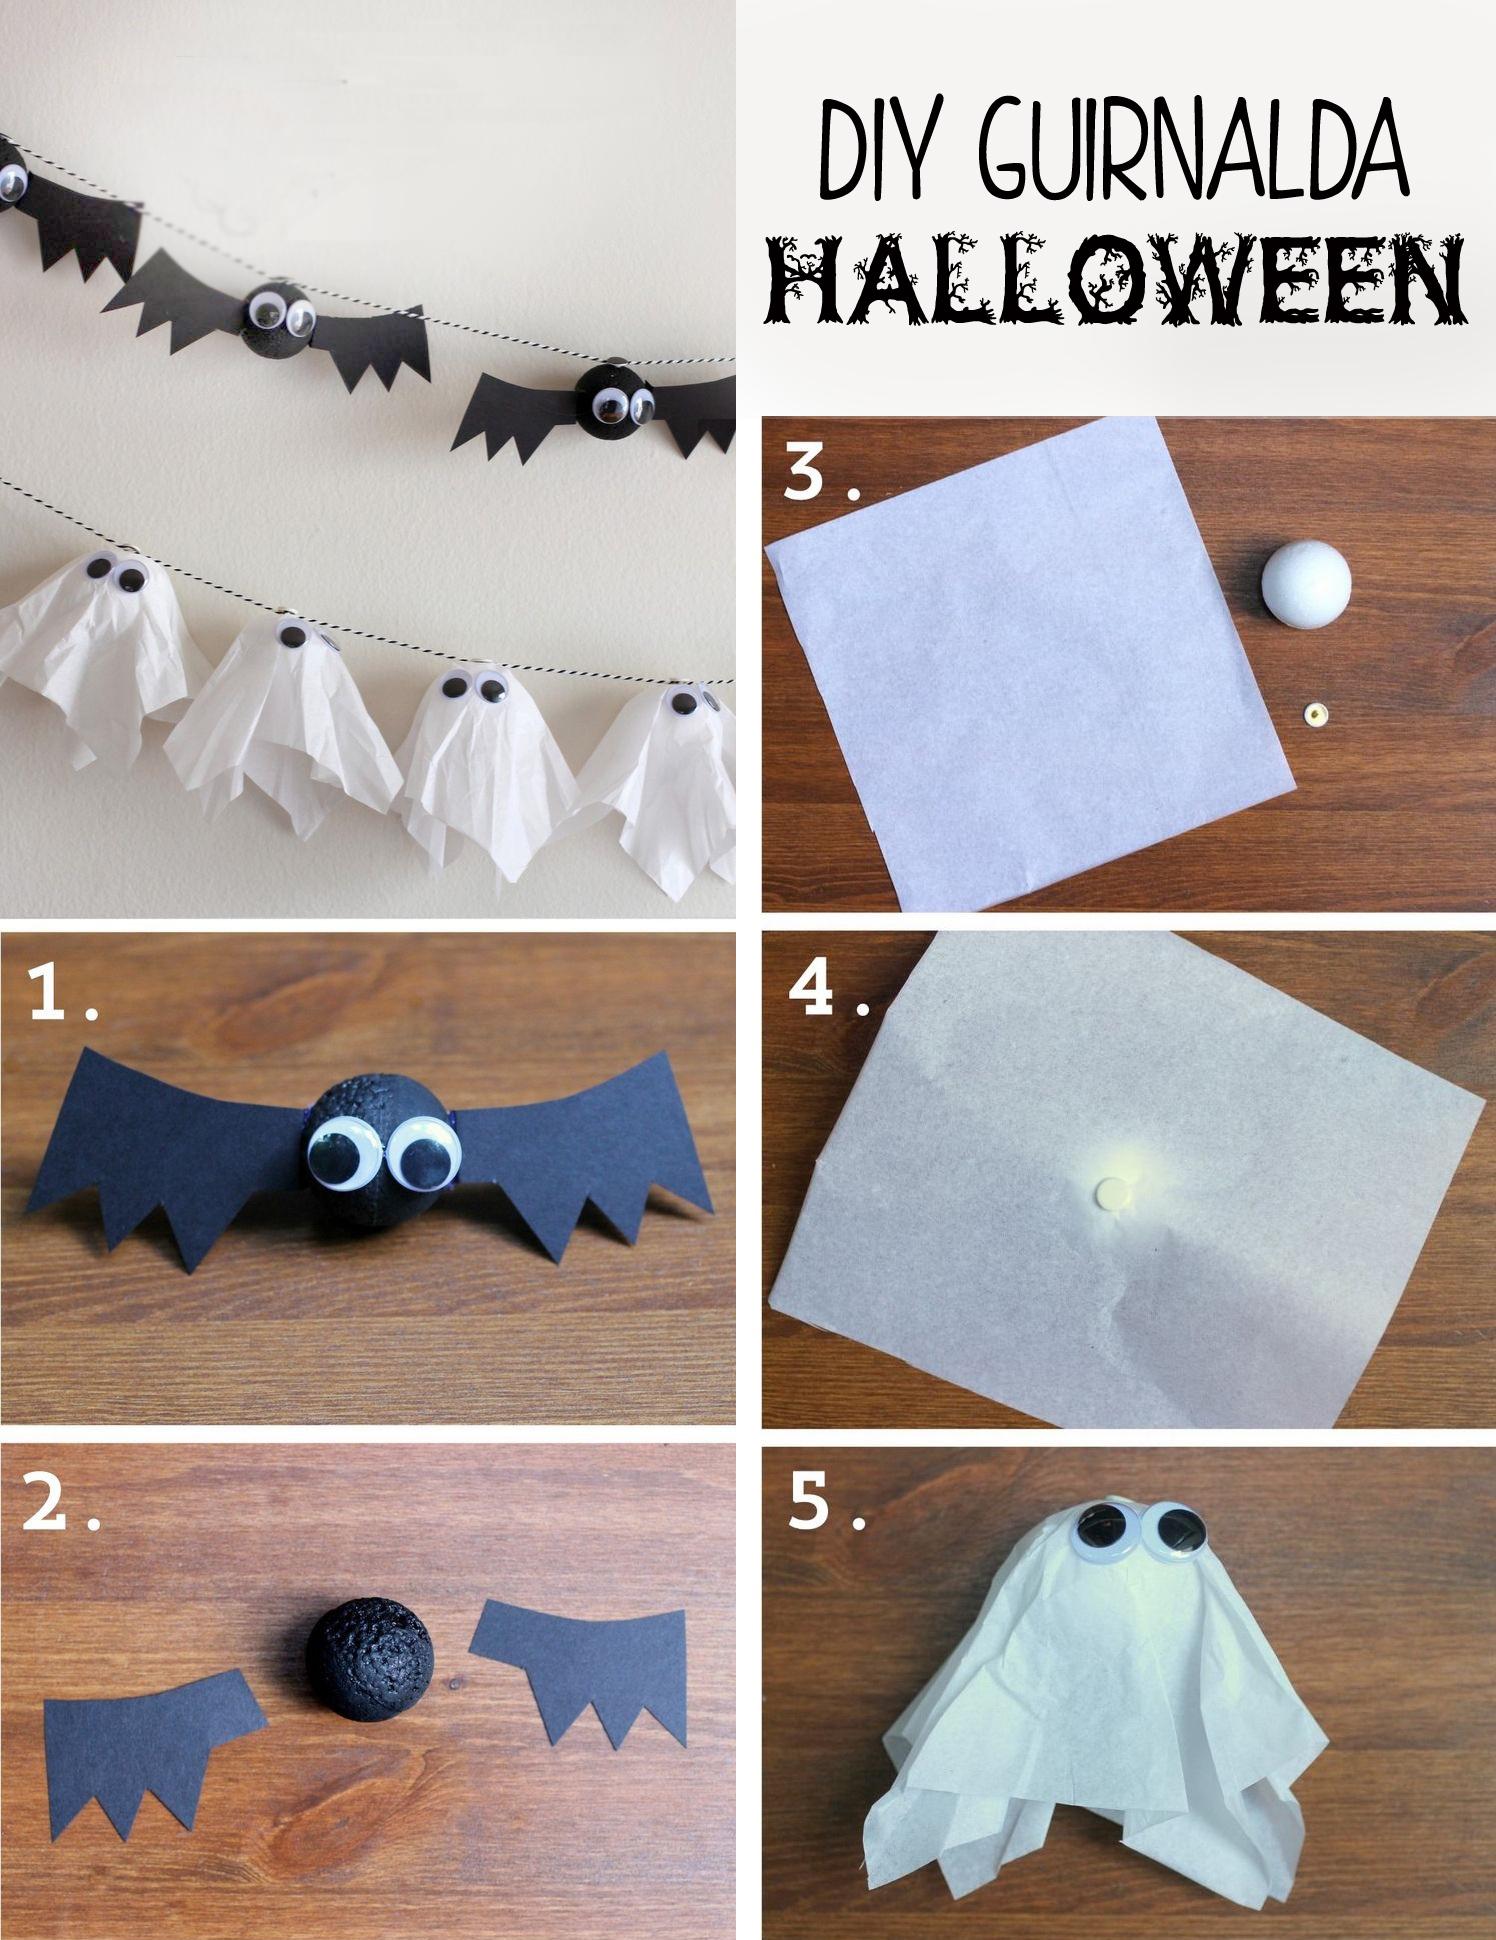 5 ideas de decoracion caseras para halloween - Decoracion halloween casera ...